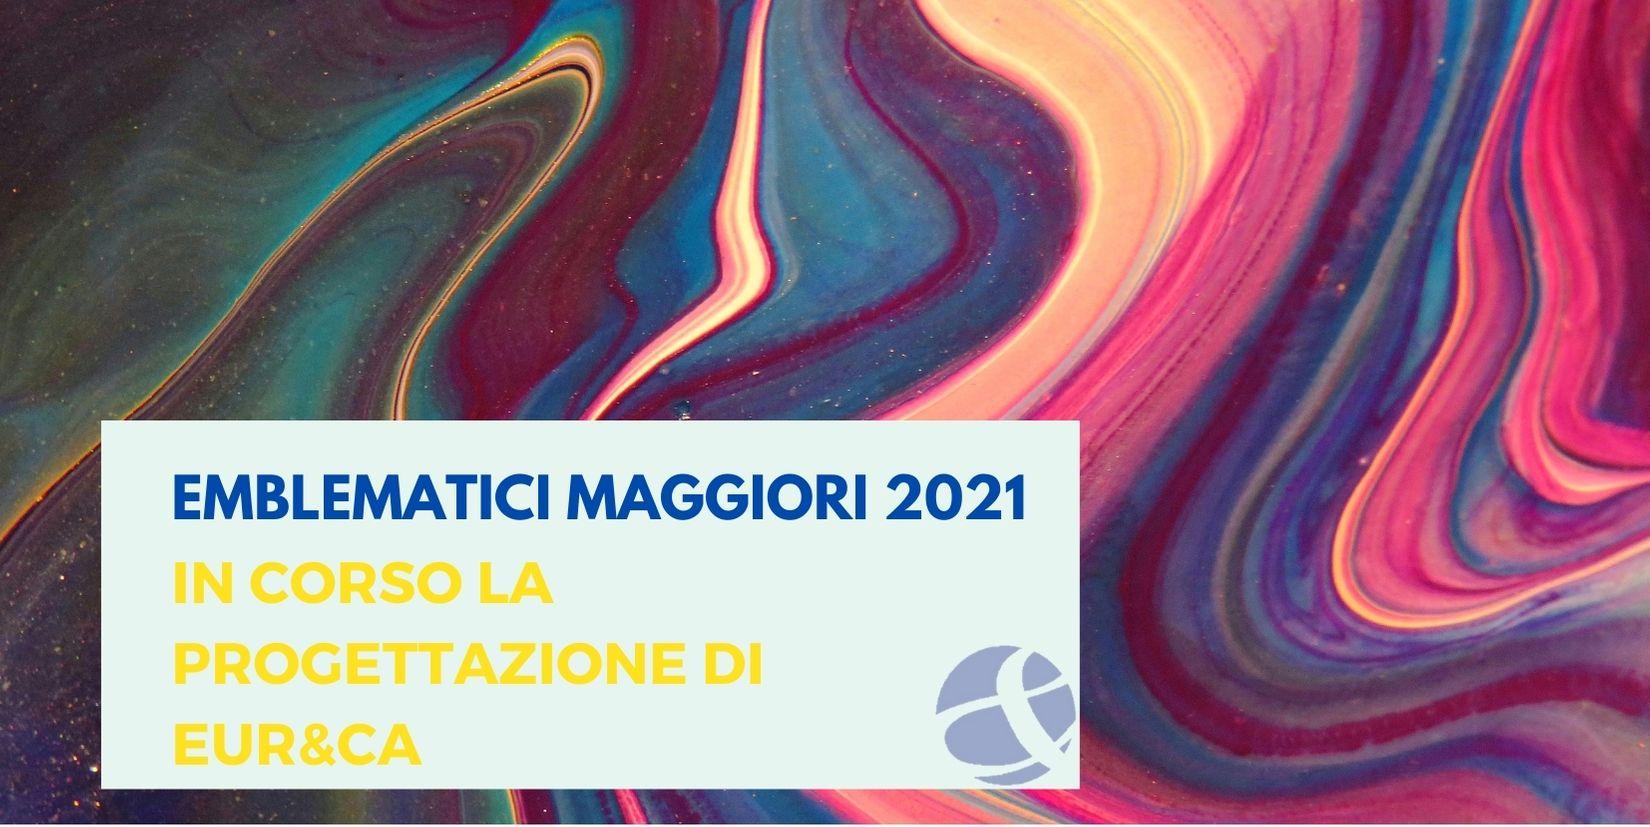 Emblematici maggiori: in corso le candidature per il 2021